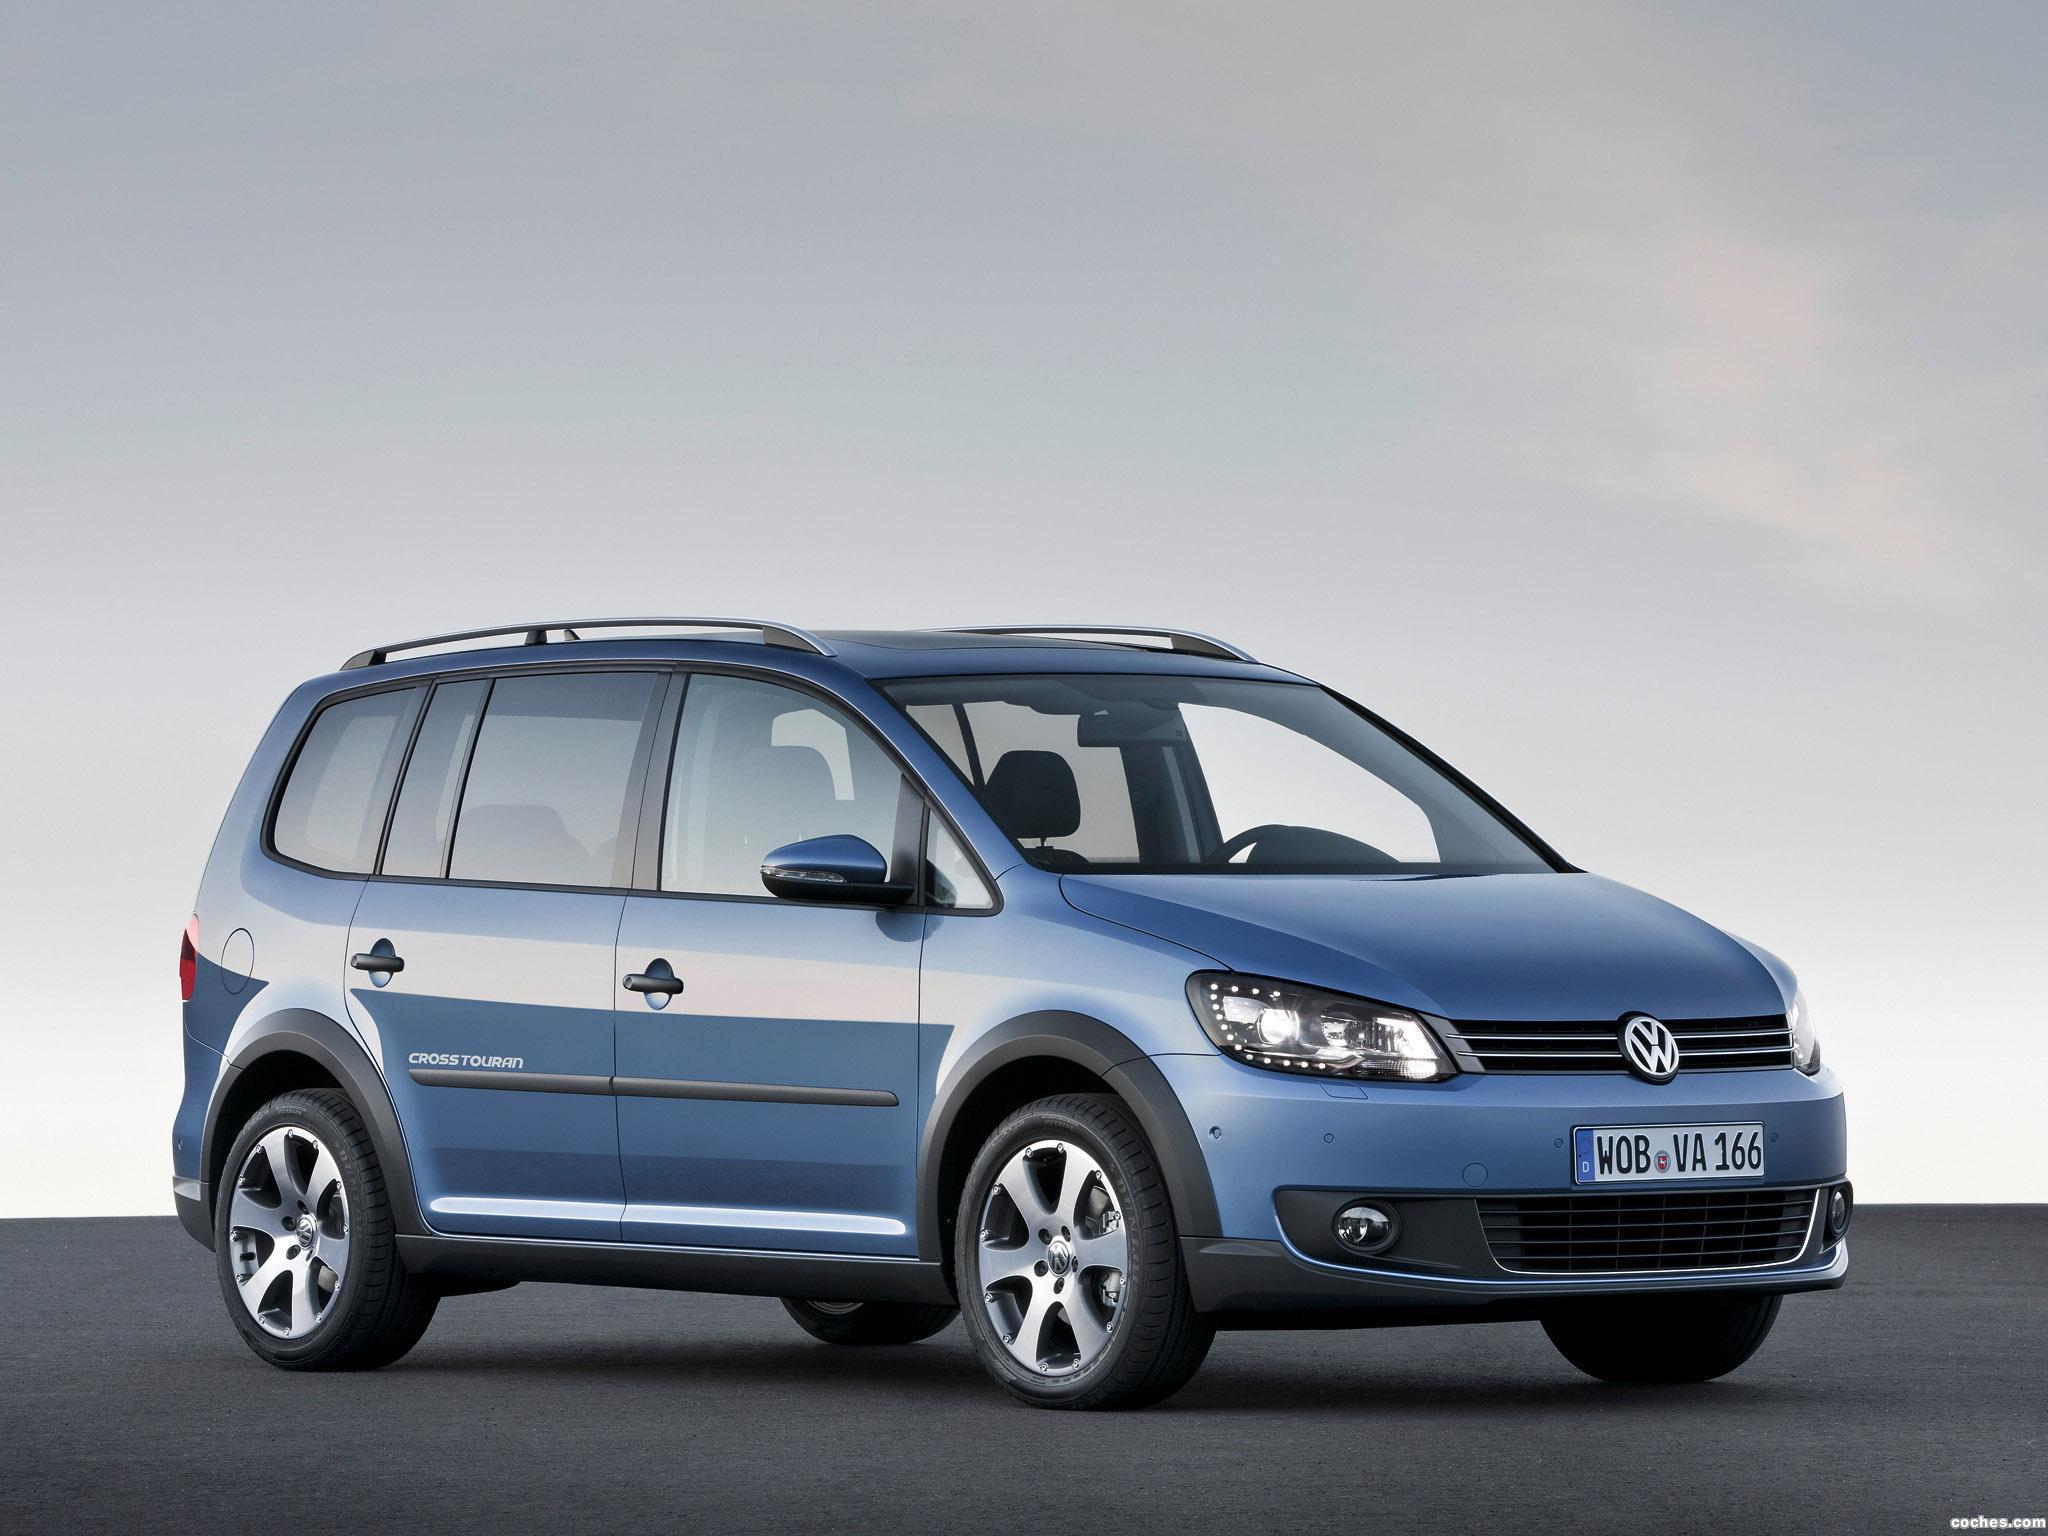 Foto 3 de Volkswagen Cross Touran 2010